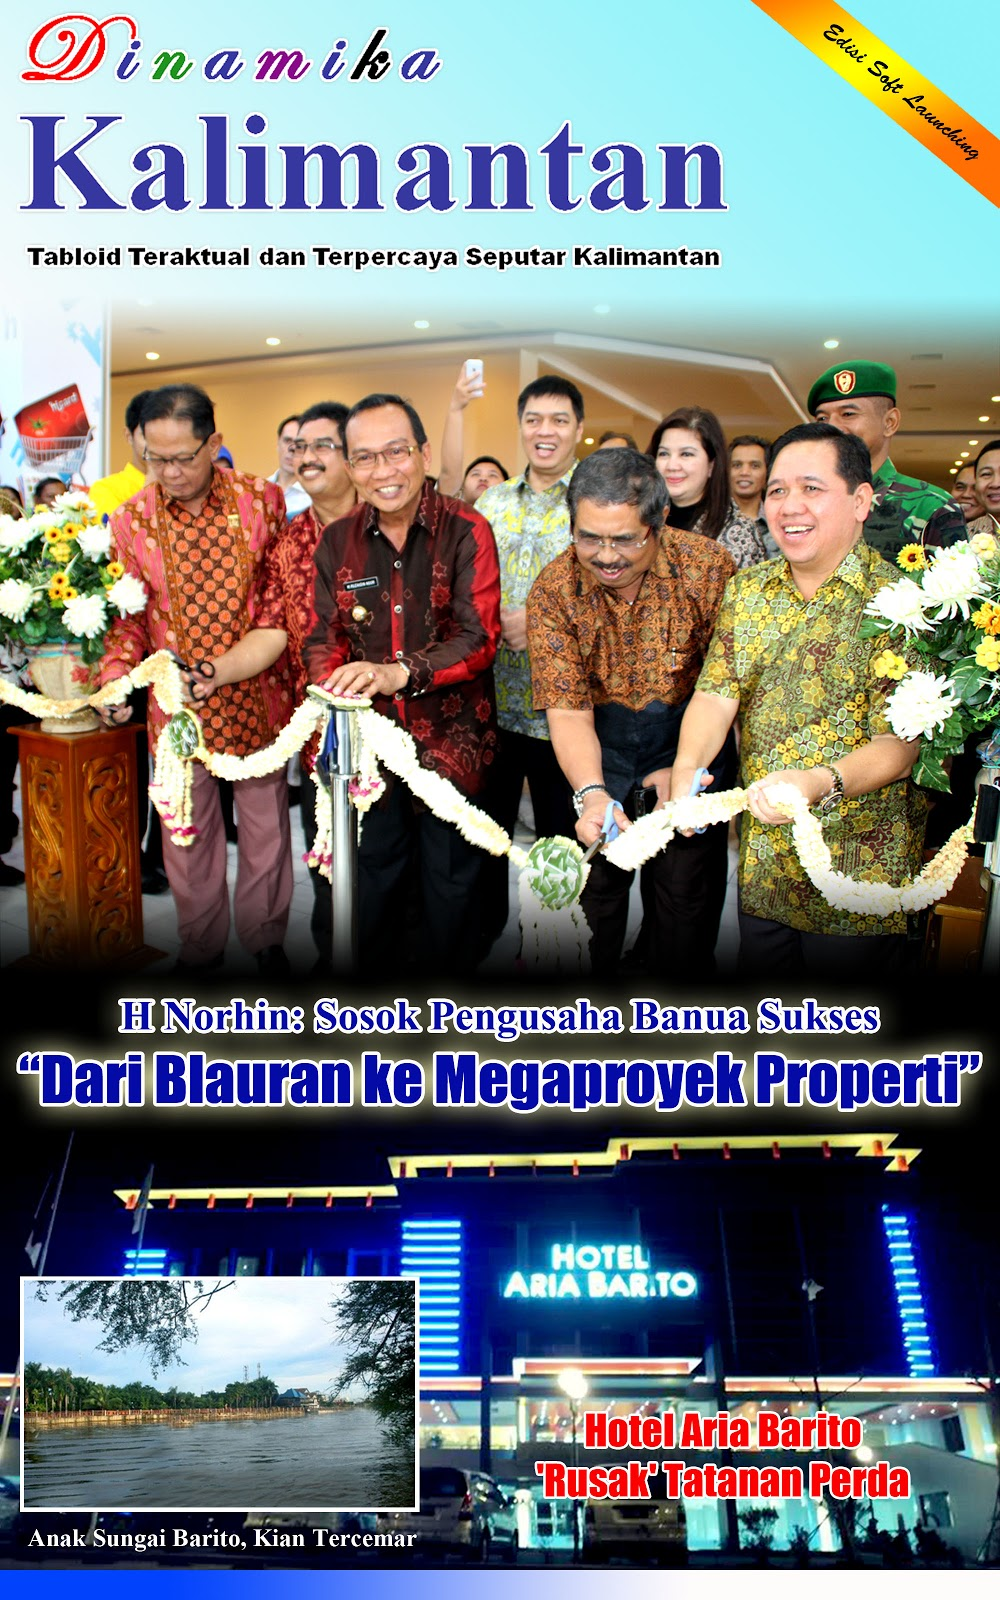 Epaper Dinamika Kalimantan